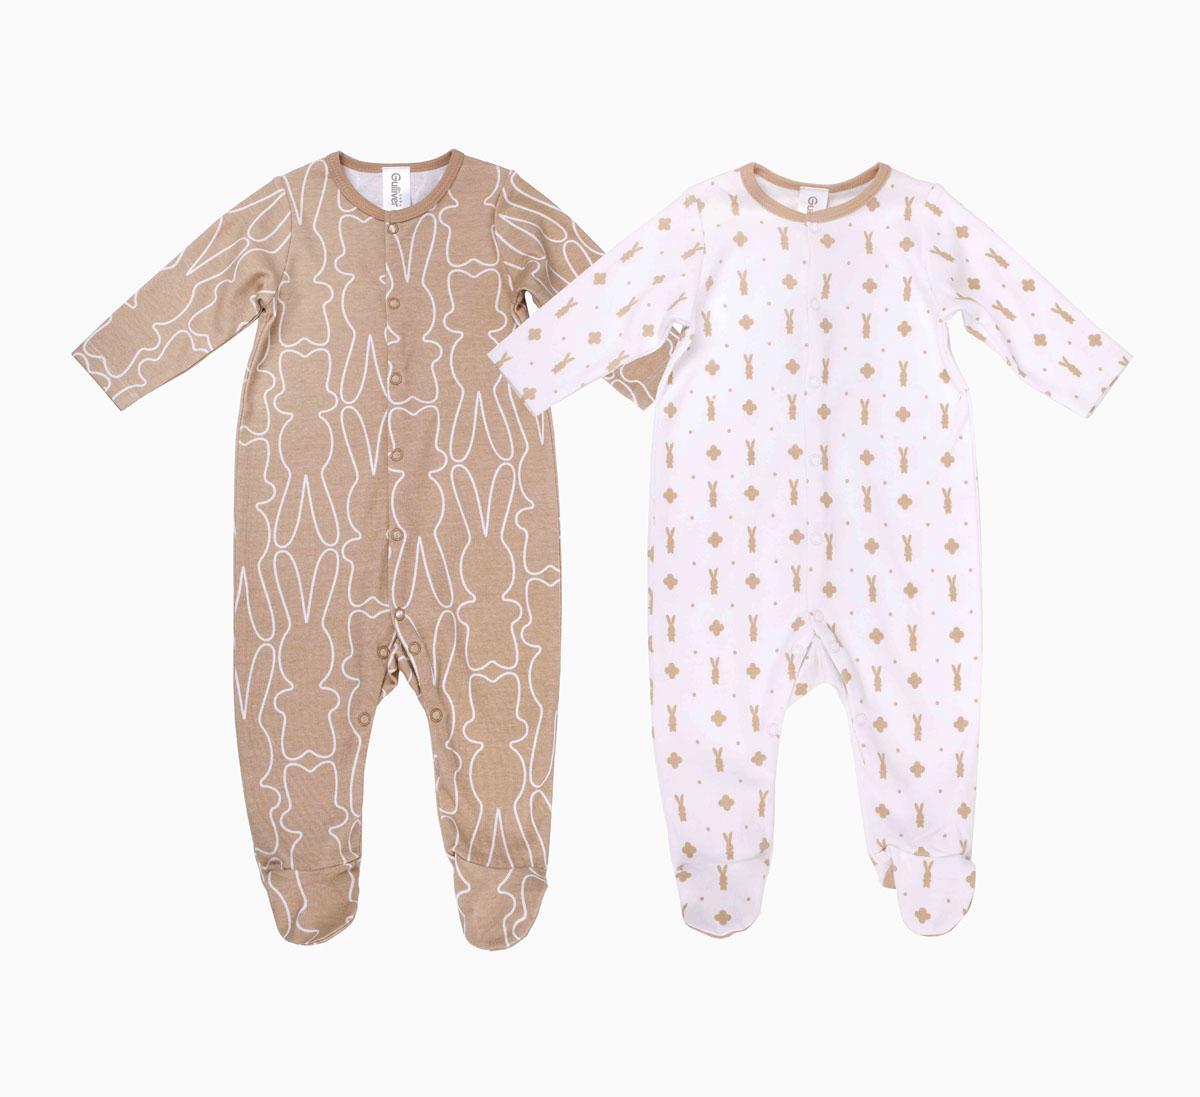 Комбинезон216GBUNC5301Комбинезоны для новорожденных - обязательные атрибуты бельевого гардероба. Трикотажные комбинезоны Gulliver Baby сножками выполнены из натурального хлопка. Они мягкие, приятные на ощупь, что очень важно для нежной кожи ребенка. Застежки-кнопки облегчают процесс одевания - раздевания и смены подгузника. Комплект состоит из двух изделий: белый комбинезон с модным мелким рисунком зайка и бежевый с крупным линеарным орнаментом на ту же тему красиво дополняют друг друга, делая детский бельевой гардероб стильным и разнообразным.